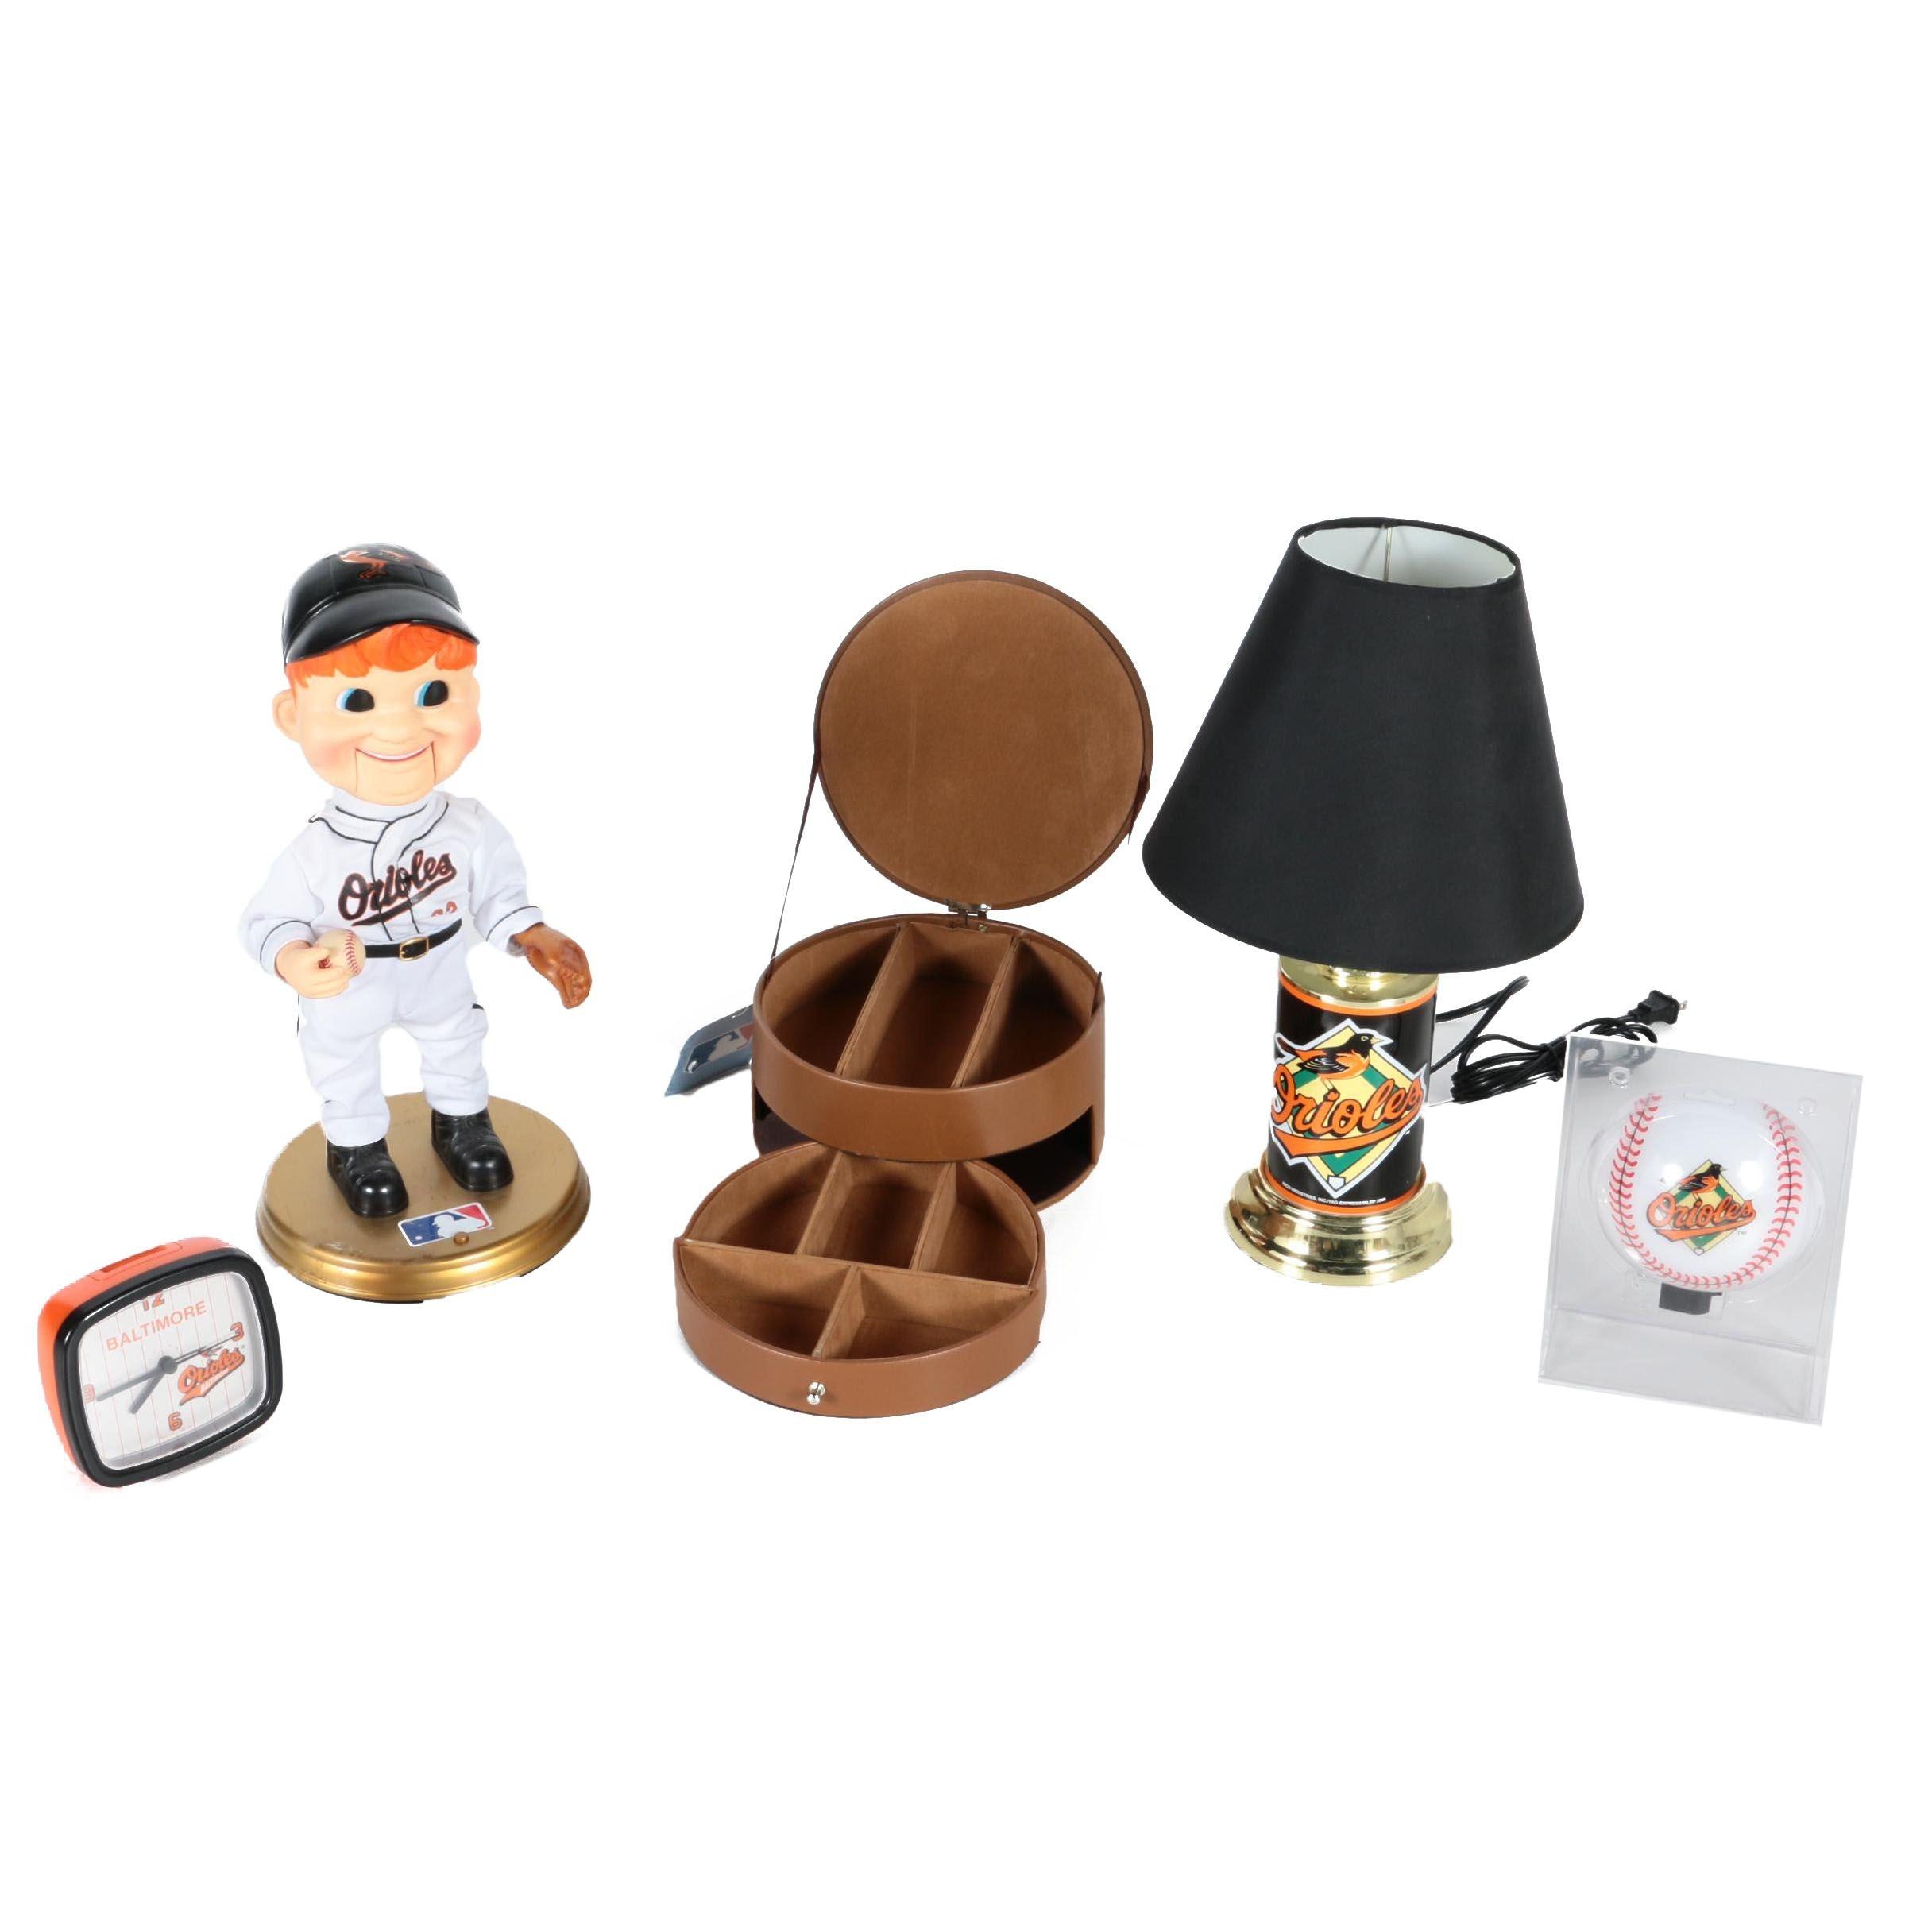 Baltimore Orioles Collectibles